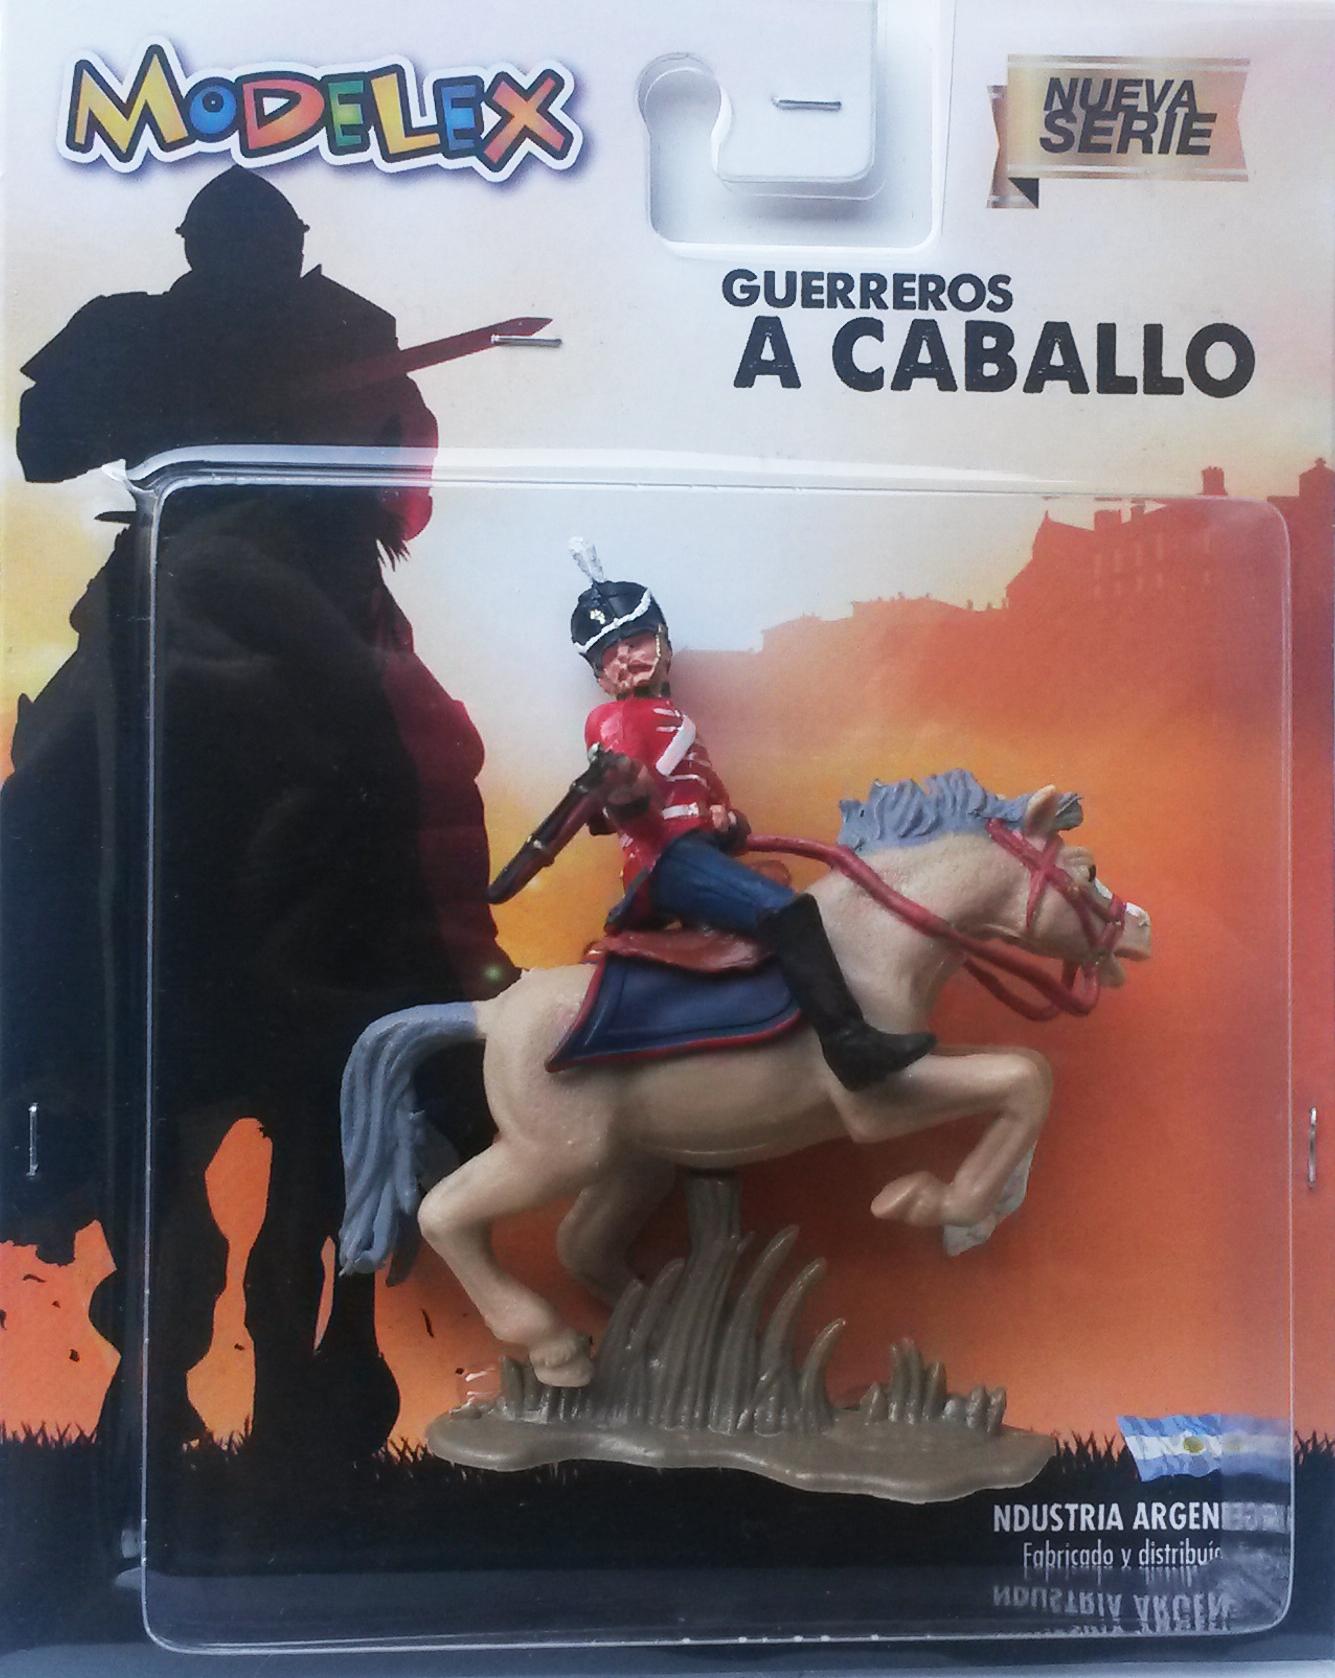 GUERREROS A CABALLO